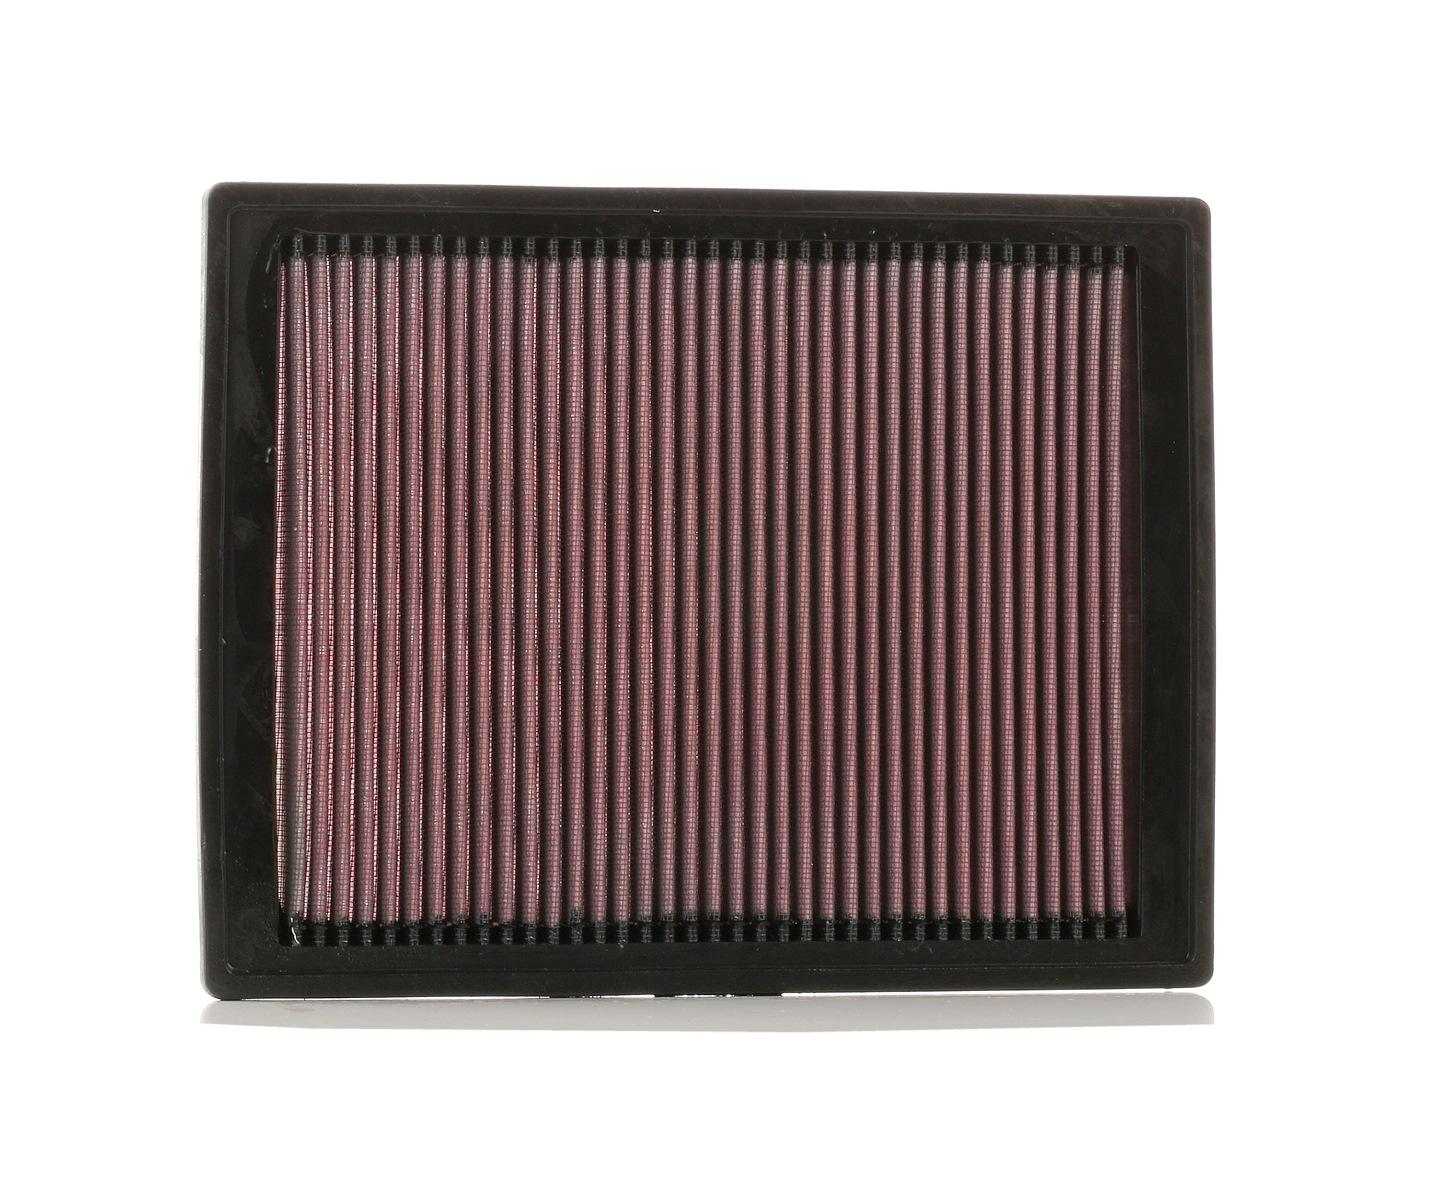 Buy original Air filter K&N Filters 33-2337